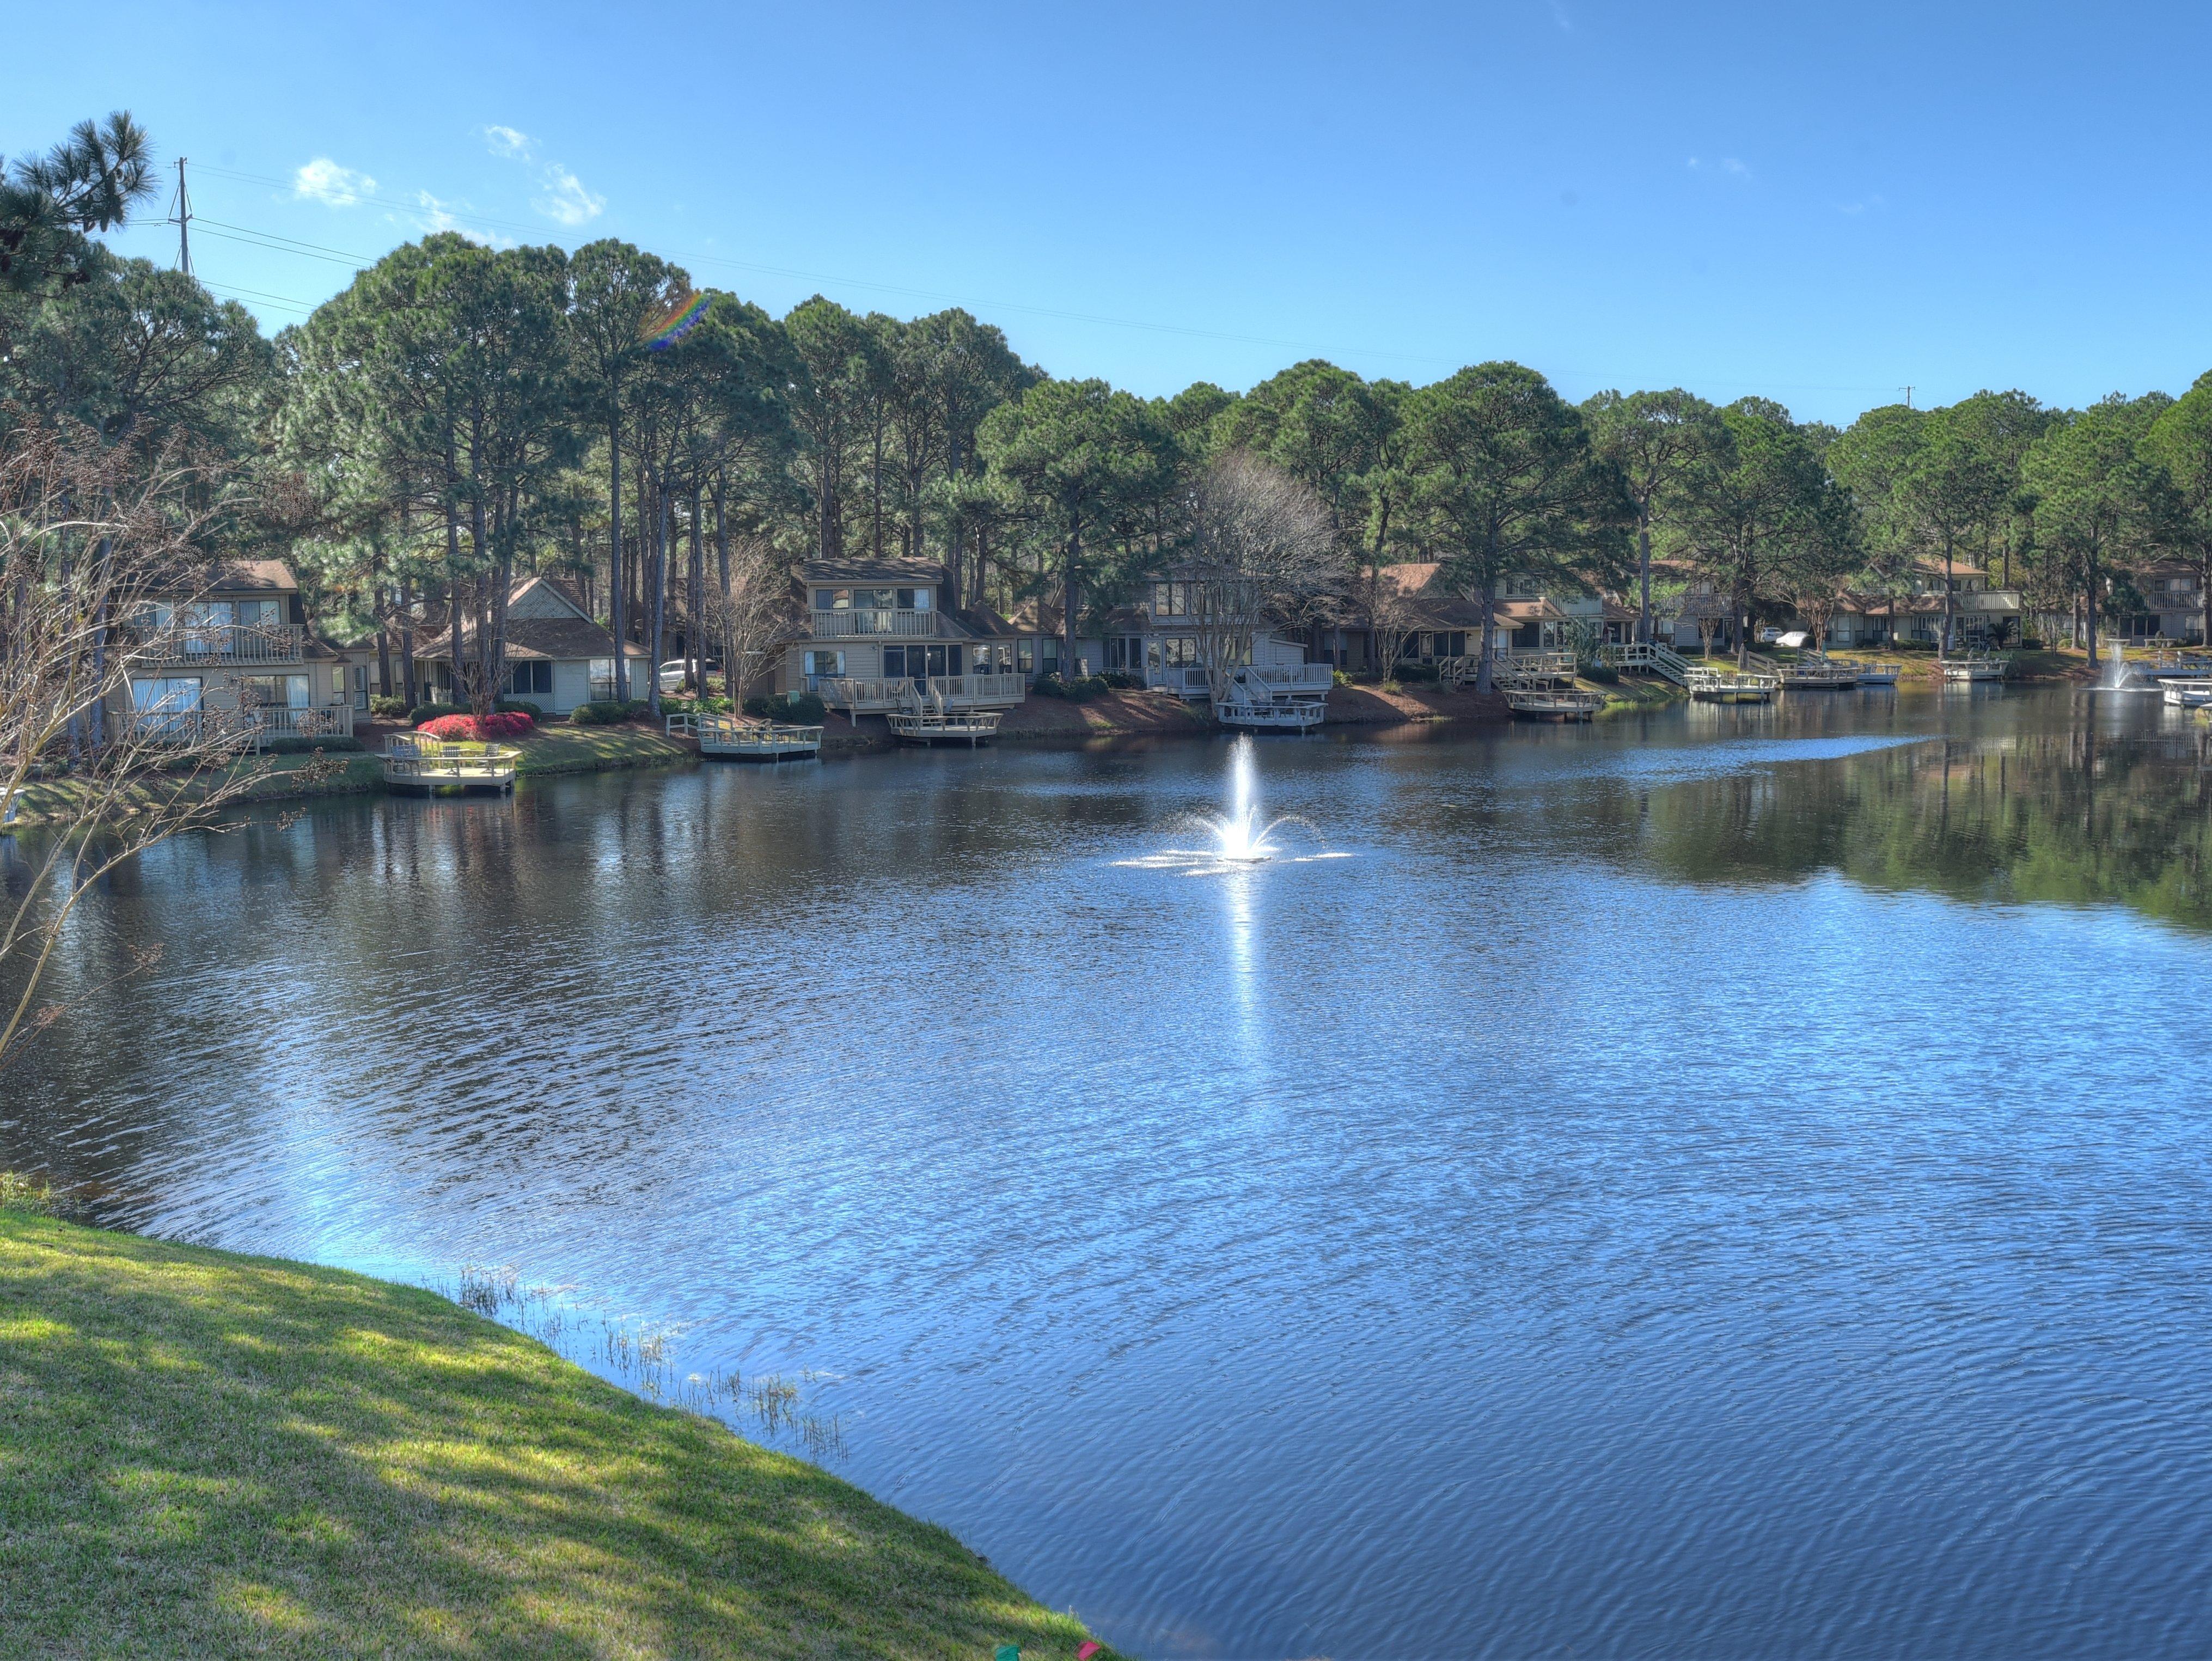 205 Fairways Condo rental in Sandestin Rentals ~ Cottages and Villas  in Destin Florida - #26